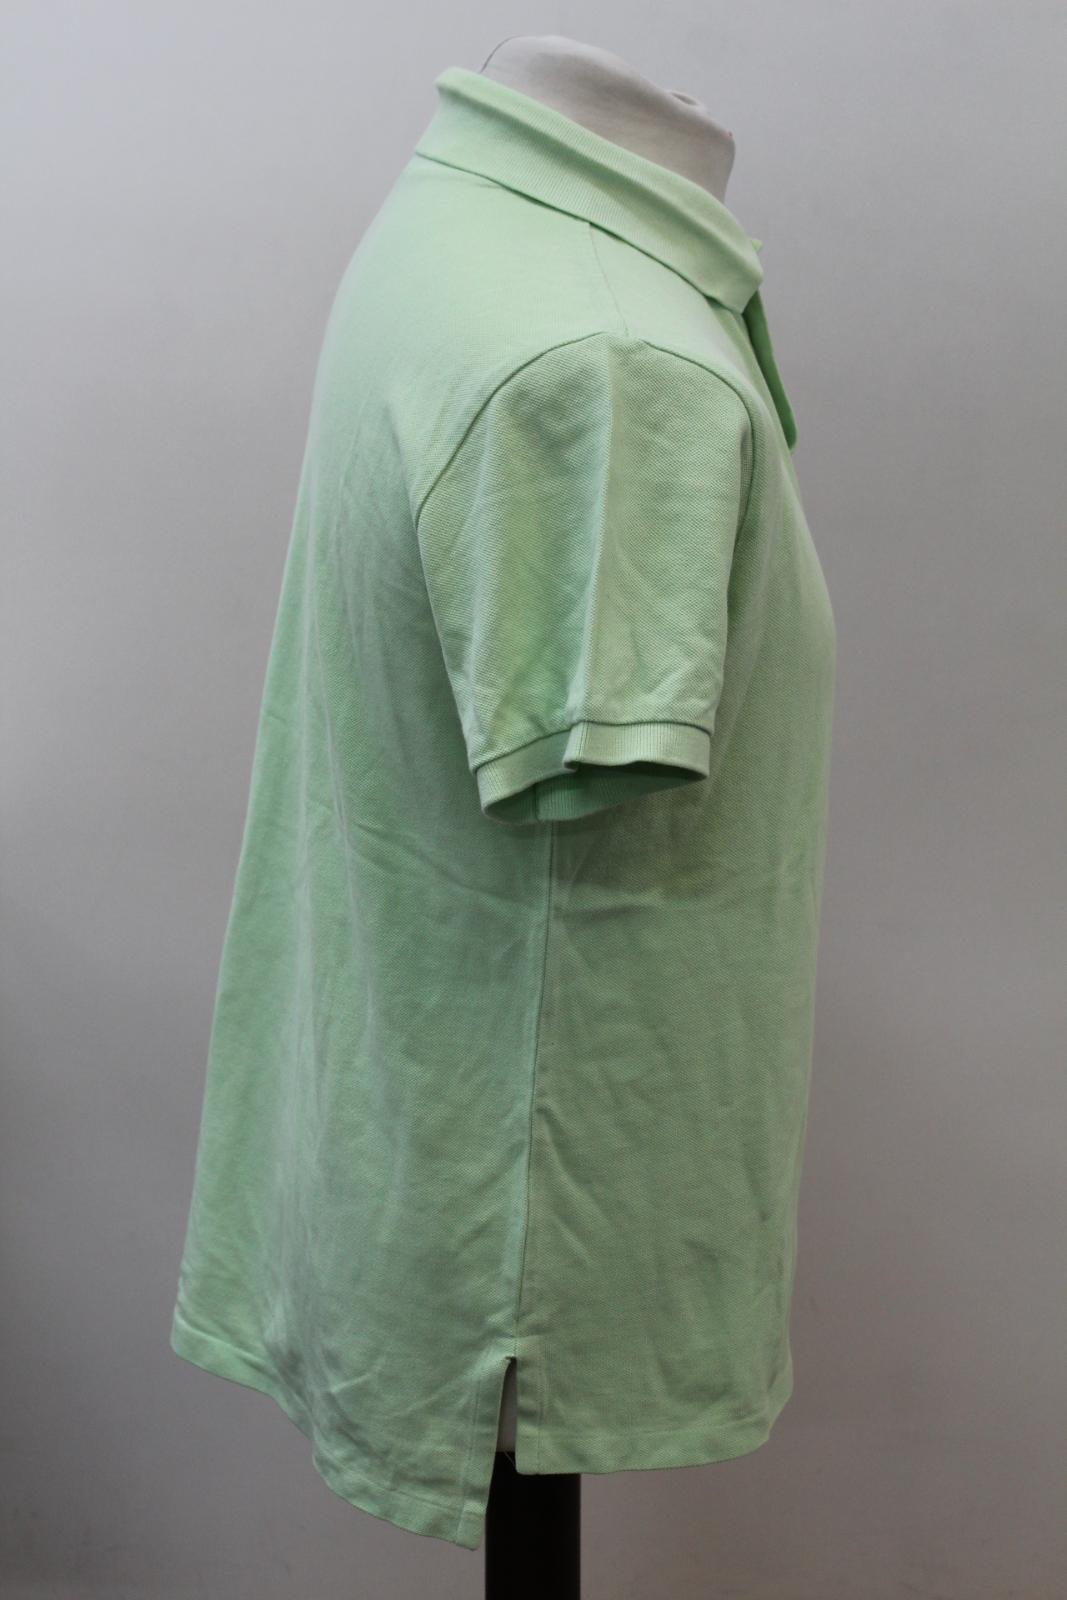 Polo-by-Ralph-Lauren-Hombre-Verde-De-Algodon-Manga-Corta-Con-Cuello-Camisa-Polo-Talla-L miniatura 4